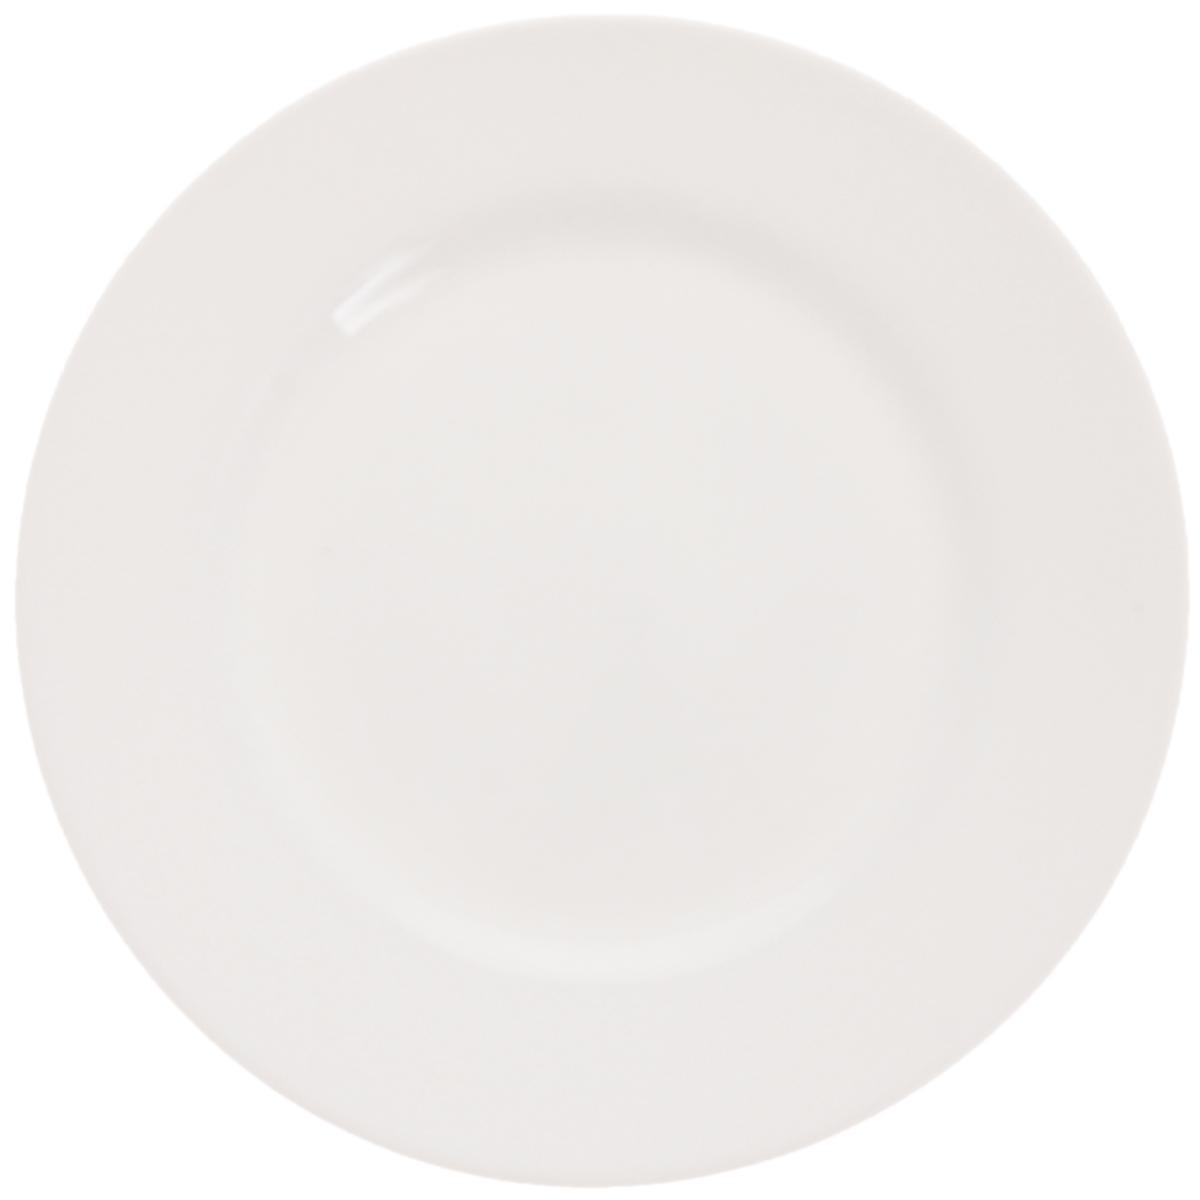 Тарелка десертная Luminarc Everyday, диаметр 19 смG0Десертная тарелка Luminarc Everyday выполнена из ударопрочного стекла. Дизайн придется по вкусу и ценителям классики, и тем, кто предпочитает утонченность и изысканность. Изделие идеально подойдет для сервировки стола и станет отличным подарком к любому празднику. Можно использовать в СВЧ-печи и мыть в посудомоечной машине. Диаметр (по верхнему краю): 19 см.